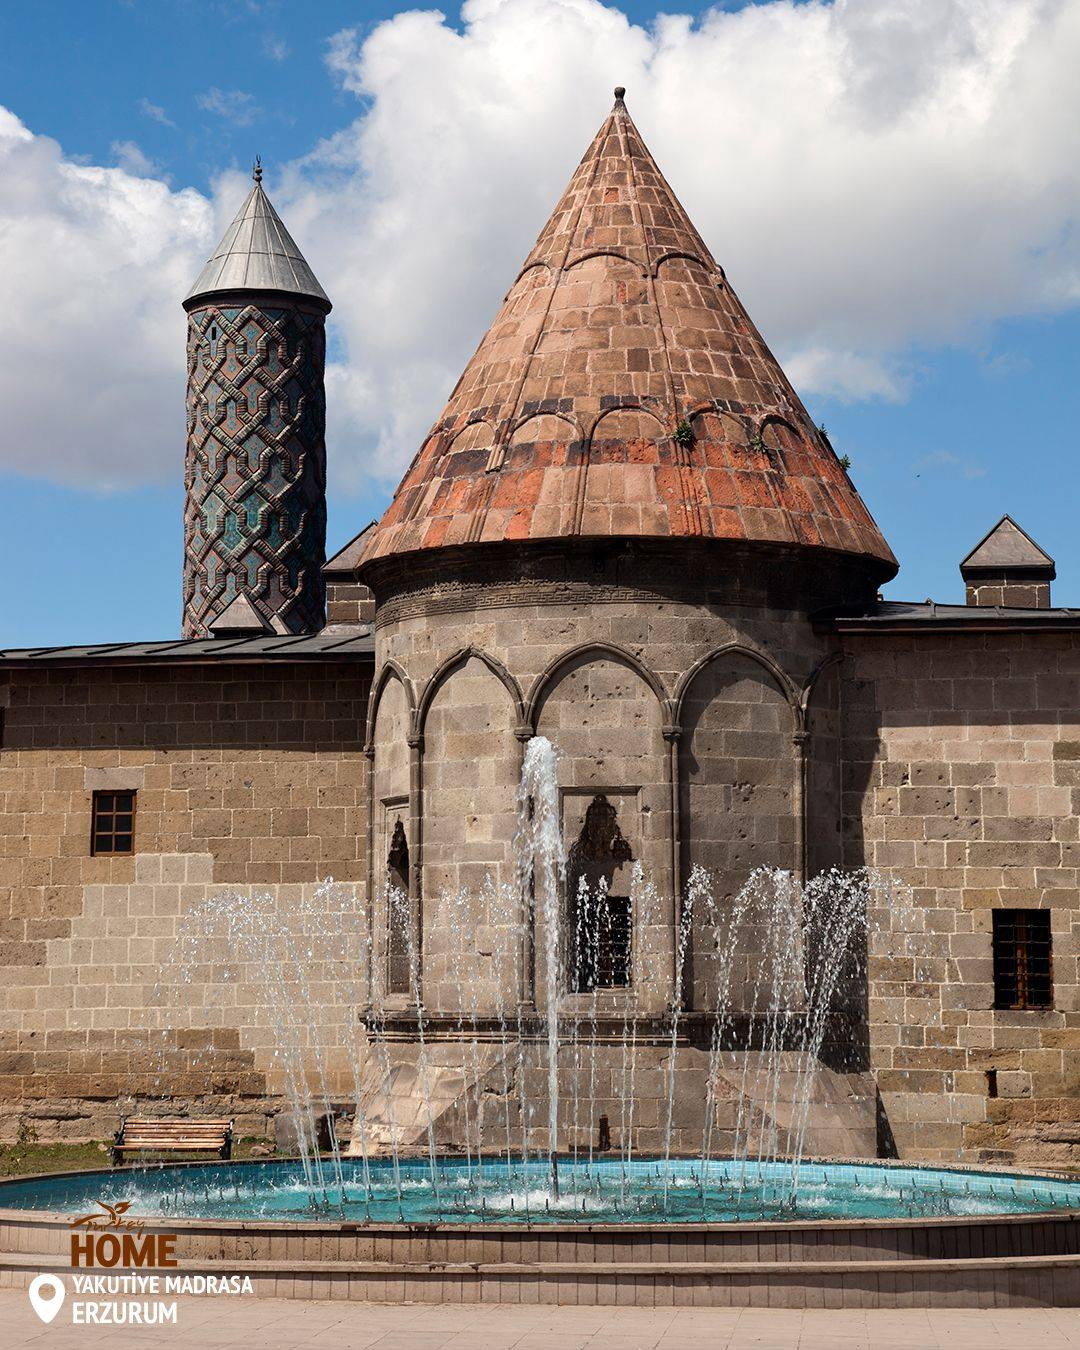 Yakutiye Medrese, Erzurum